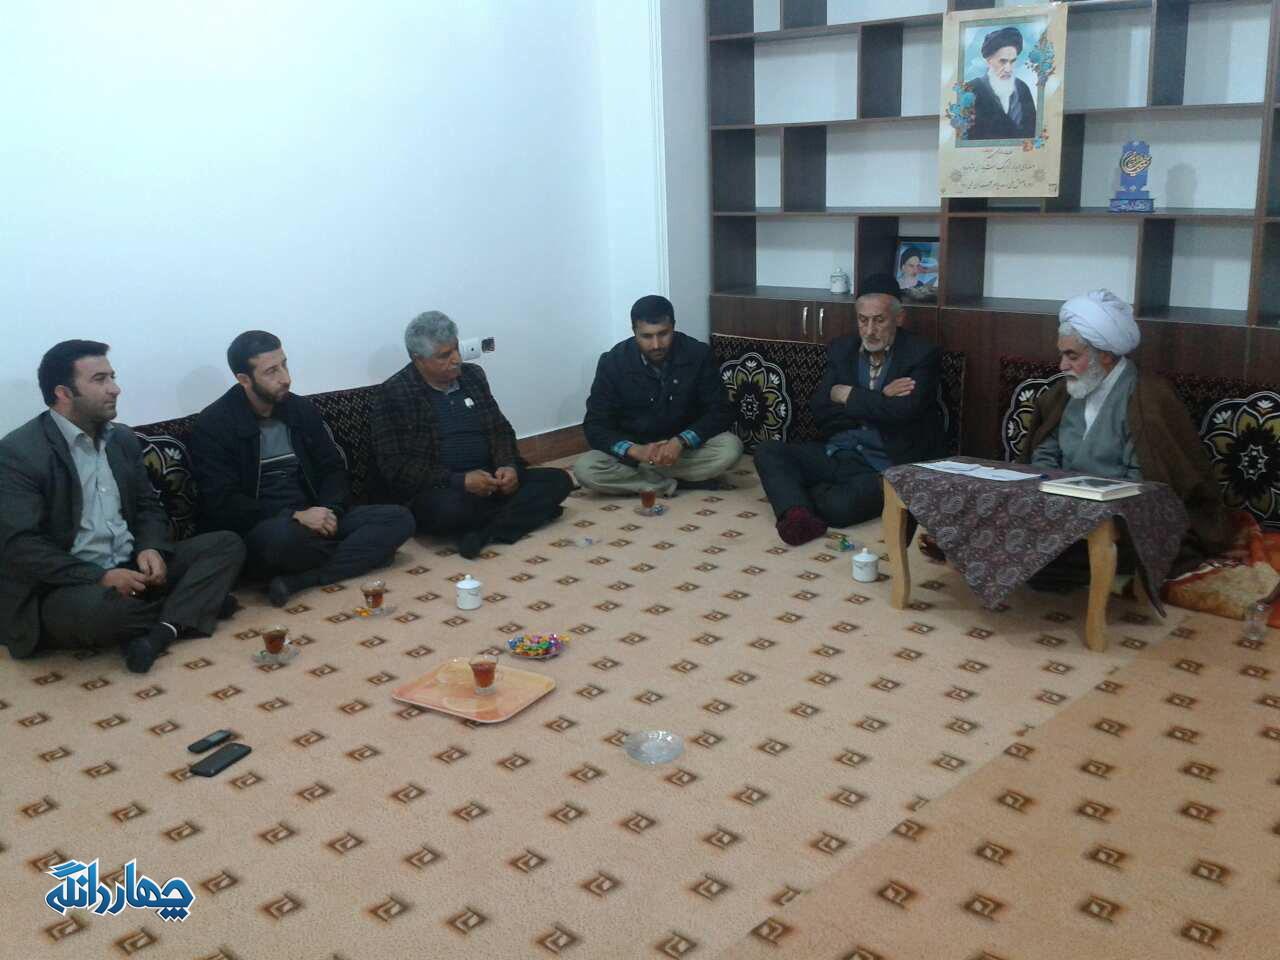 دیدار خانواده شهدا کیاسر با امام جمعه برای هماهنگی برگزاری یادواره شهدا